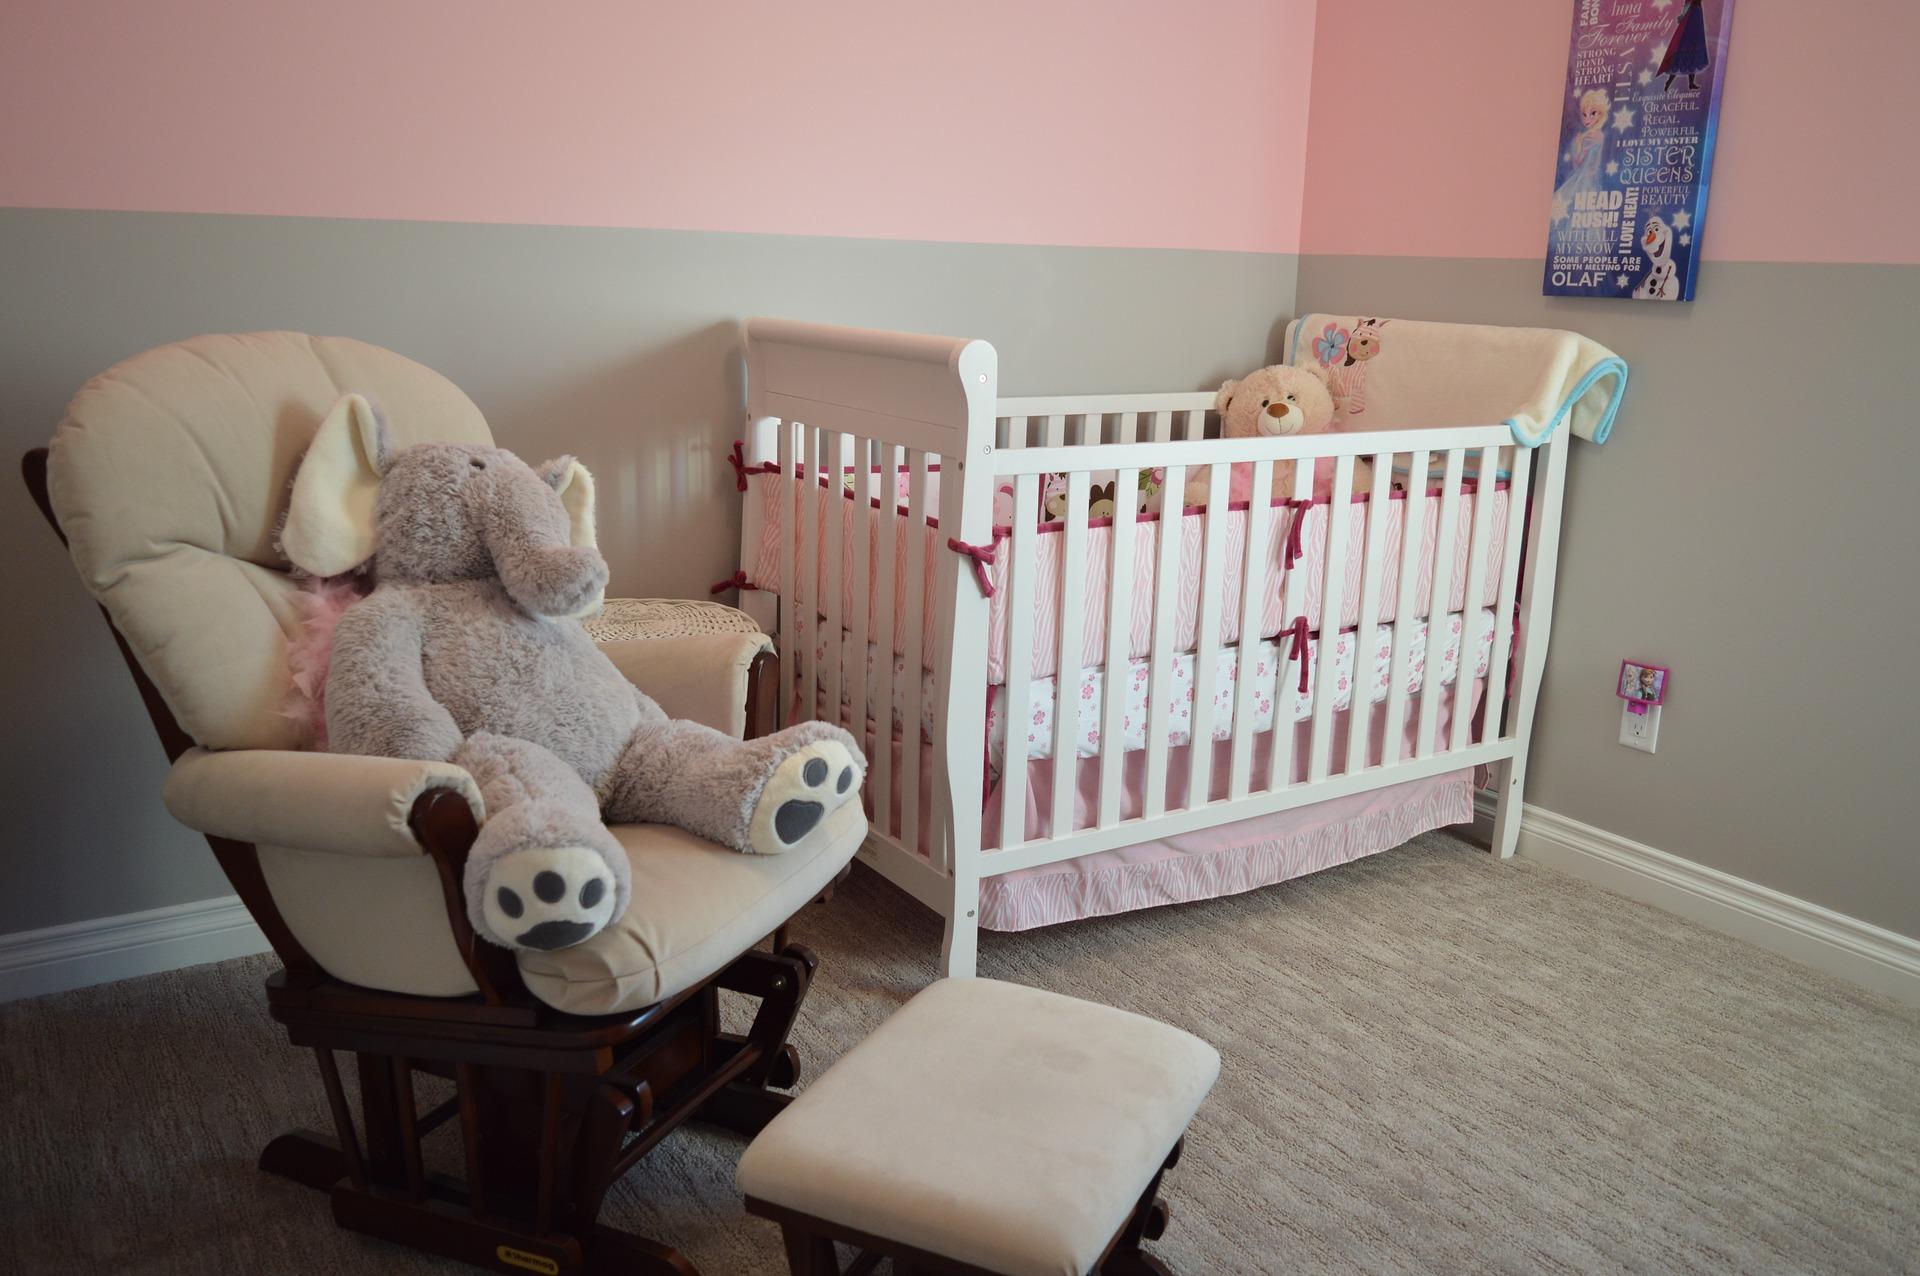 preparar-la-habitación-para-el-bebé